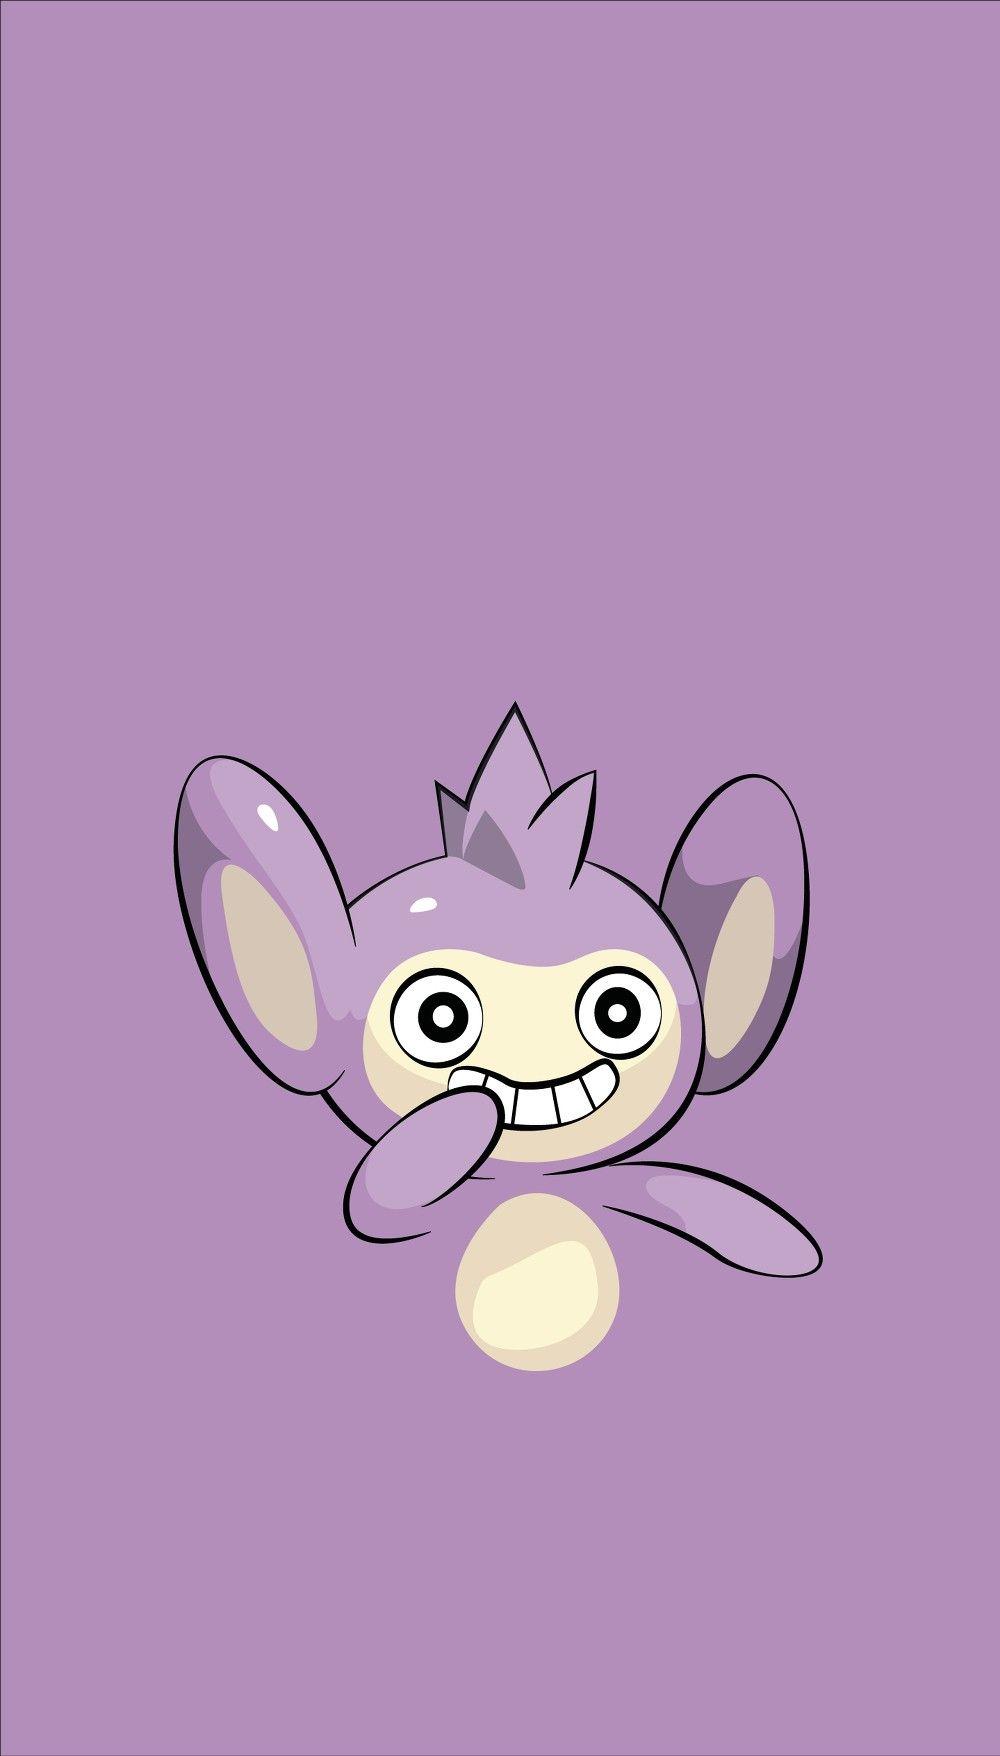 「Pokemon」おしゃれまとめの人気アイデア|Pinterest|Dylan Kohner【2020】(画像あり